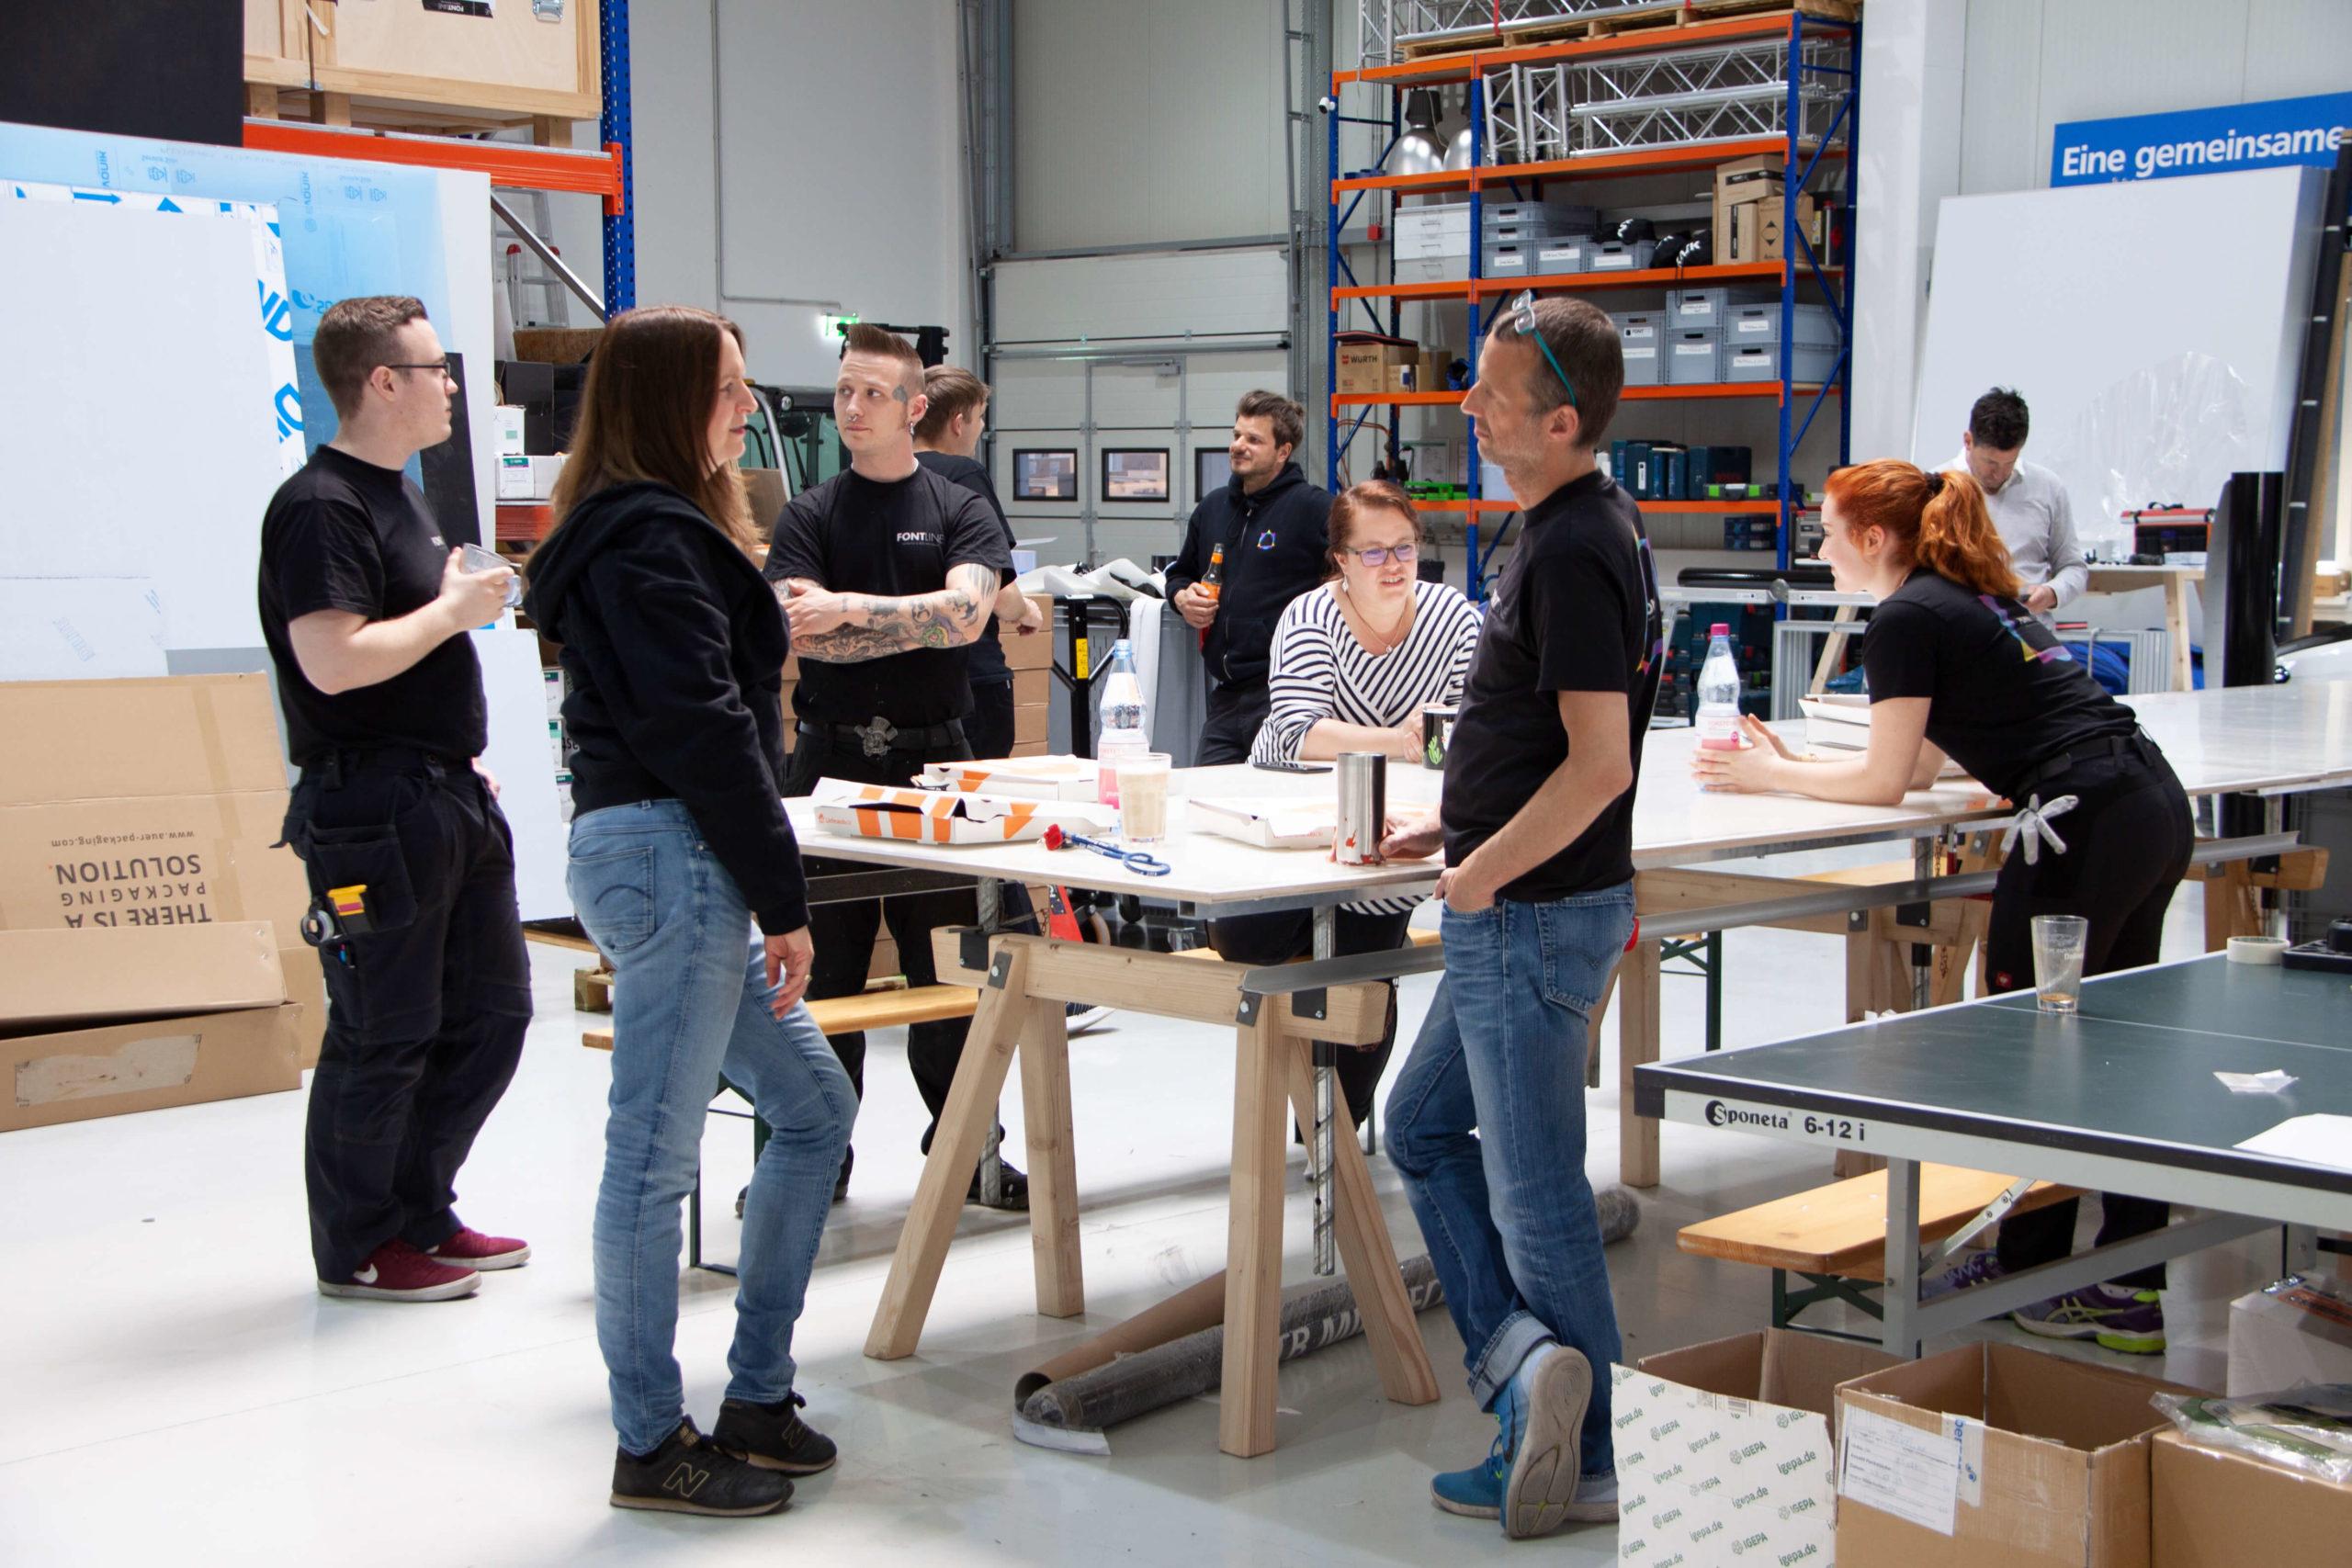 Ein Gruppenbild von Mitarbeiter während eine Teambuilding Maßnahme.